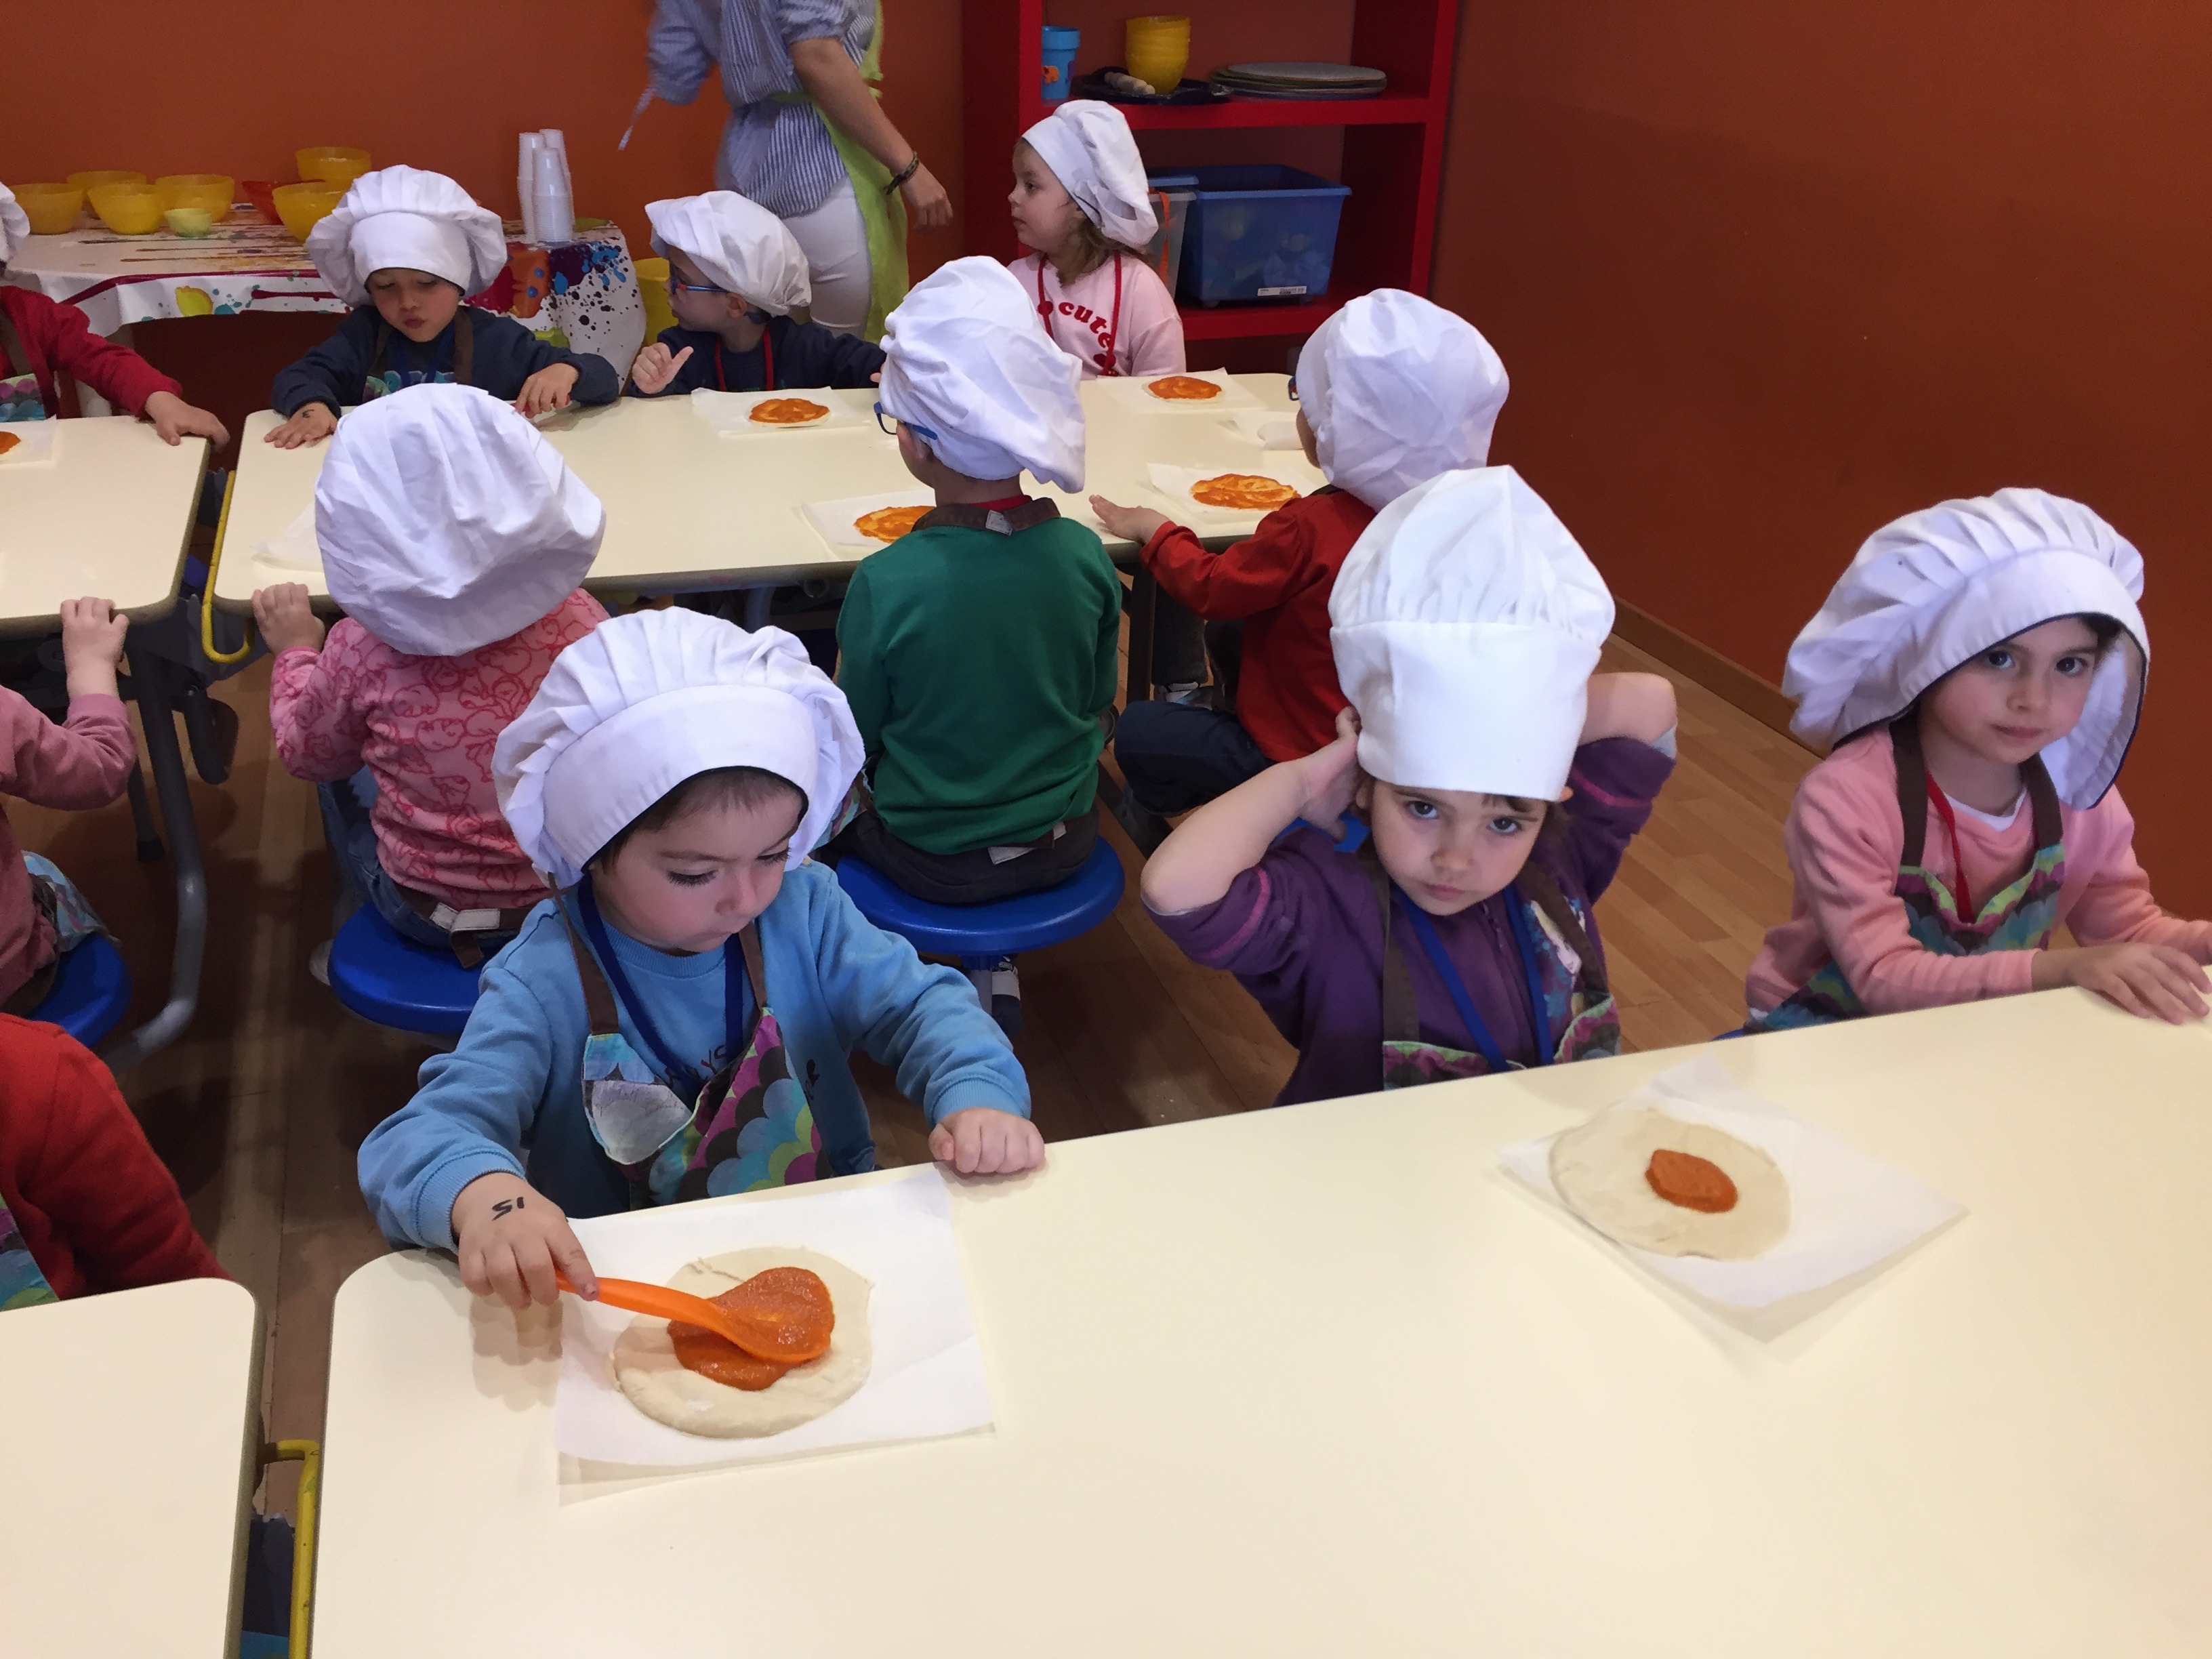 Excursión Escuela de cocina 3